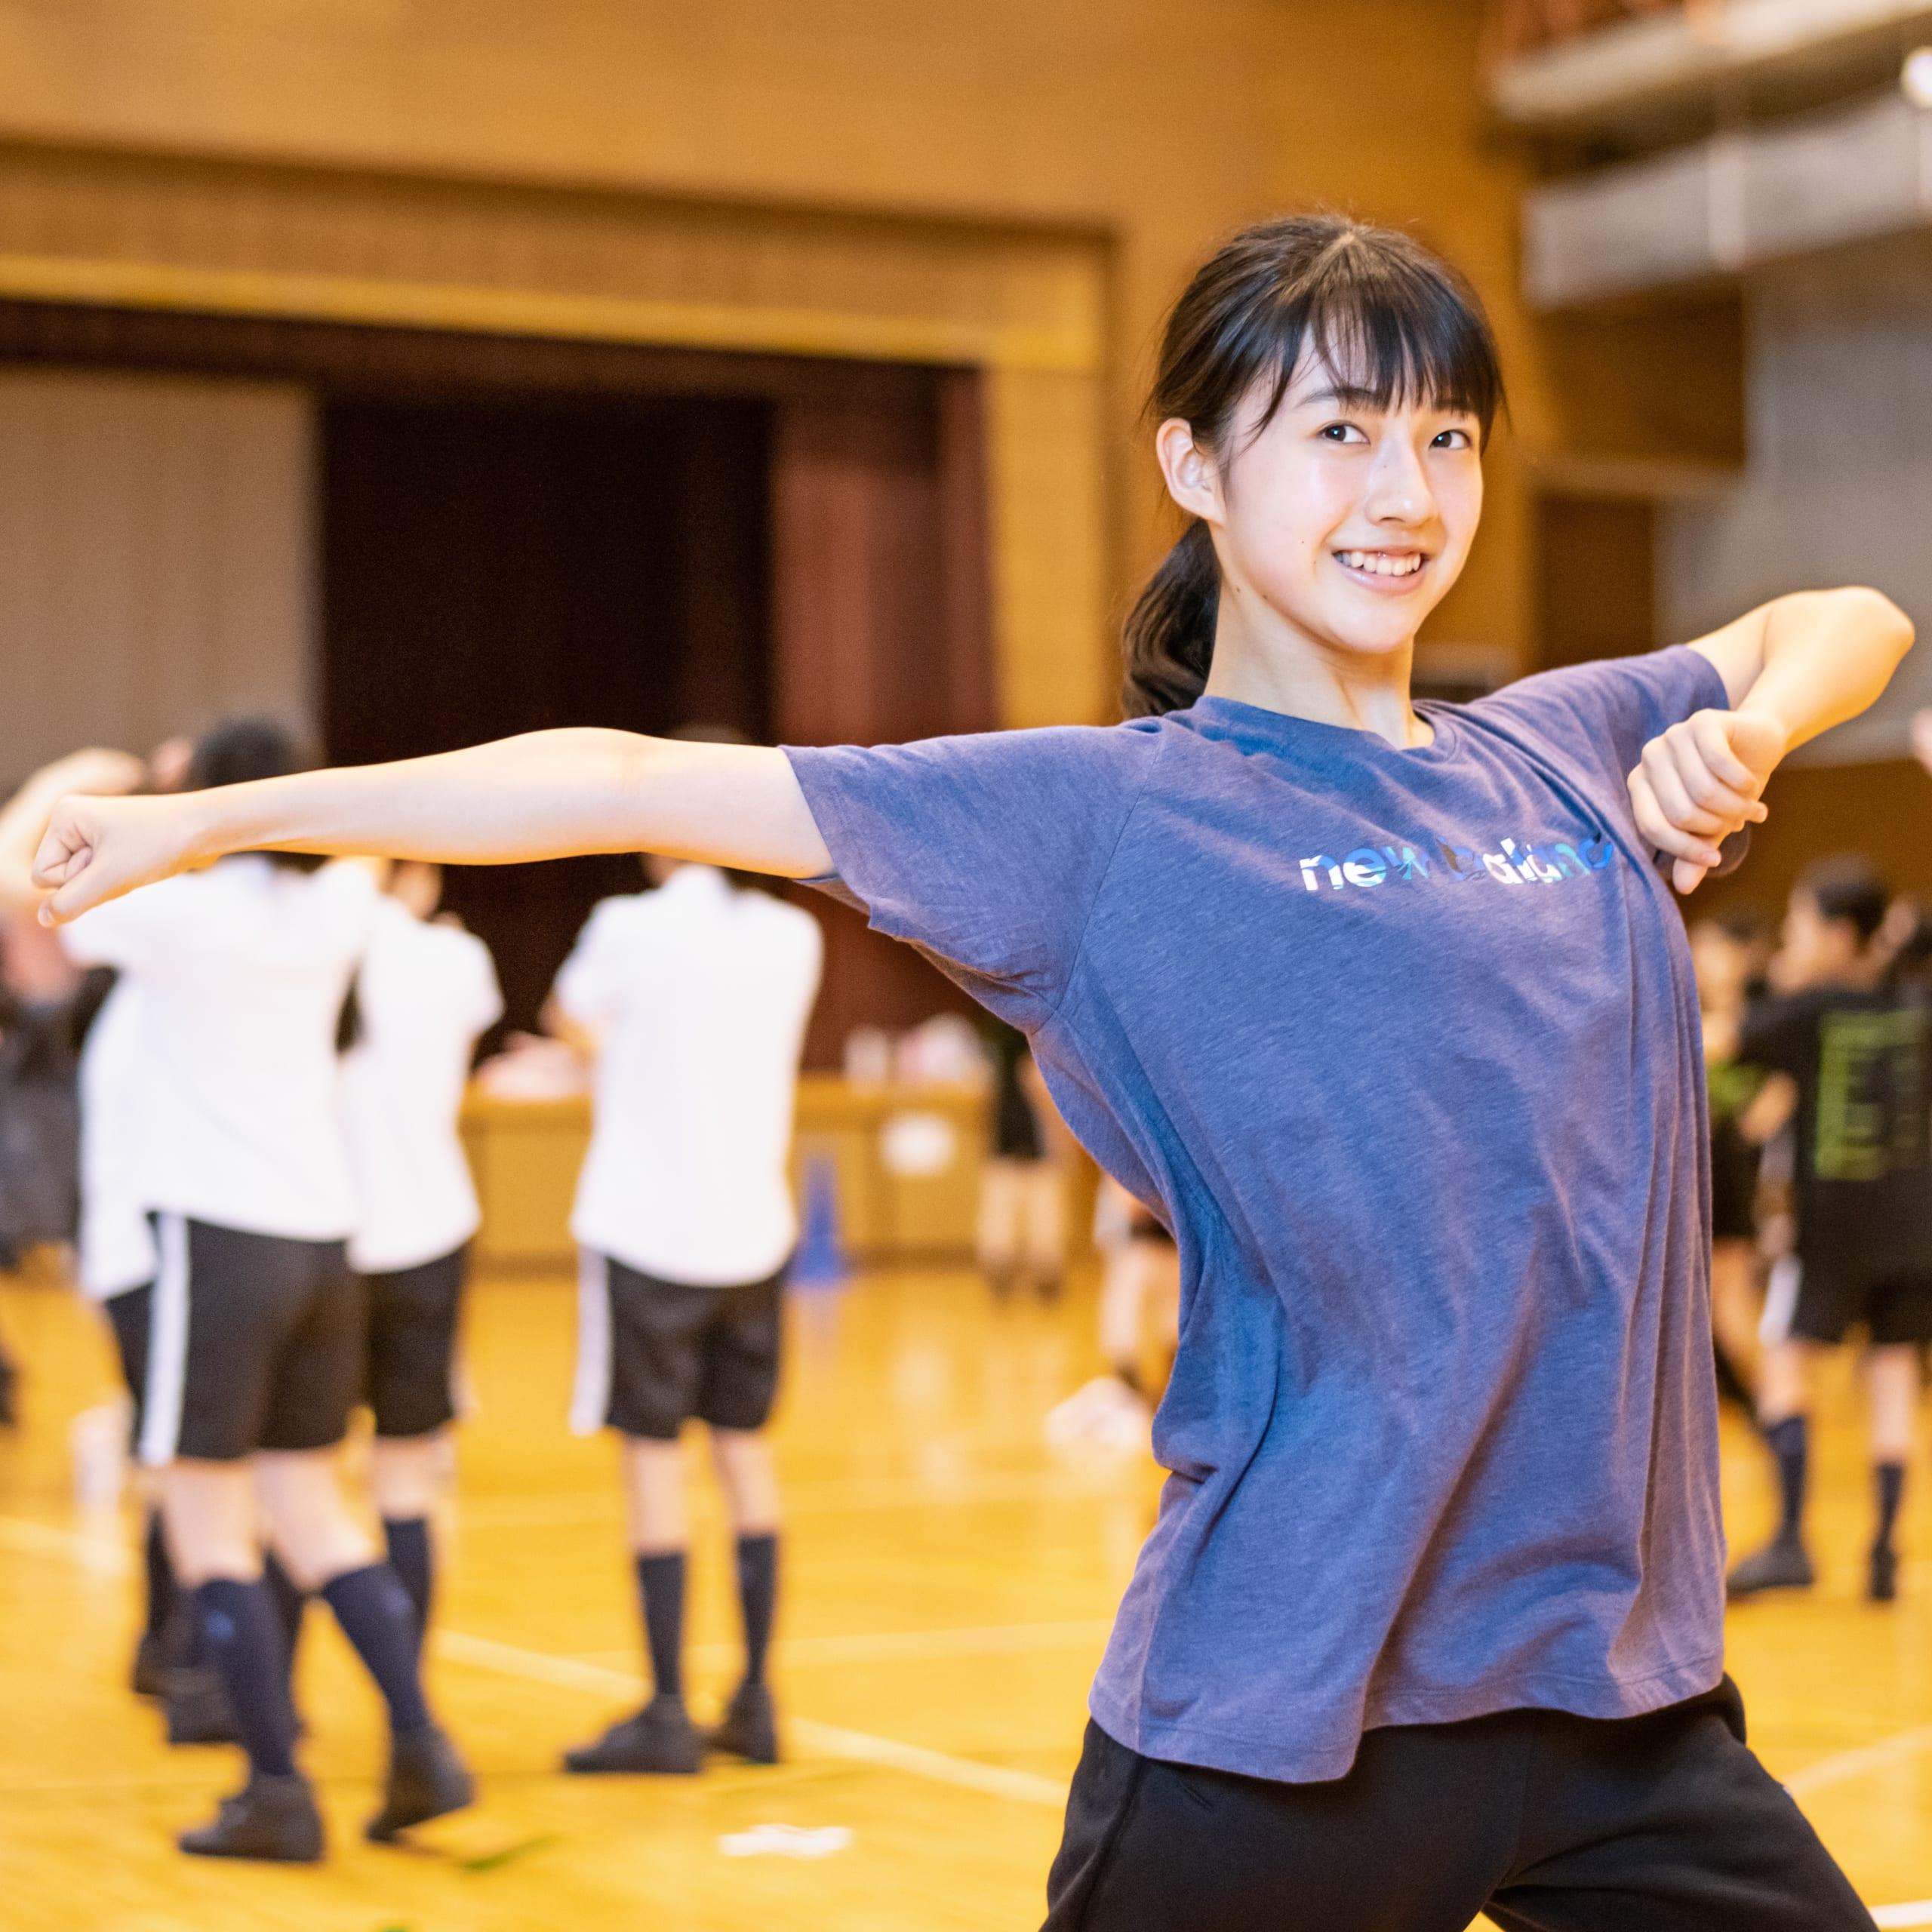 バブリーダンス以降、女子高生ますます熱狂!! いま「ダンス部女子」がイケてる5つの理由<br />